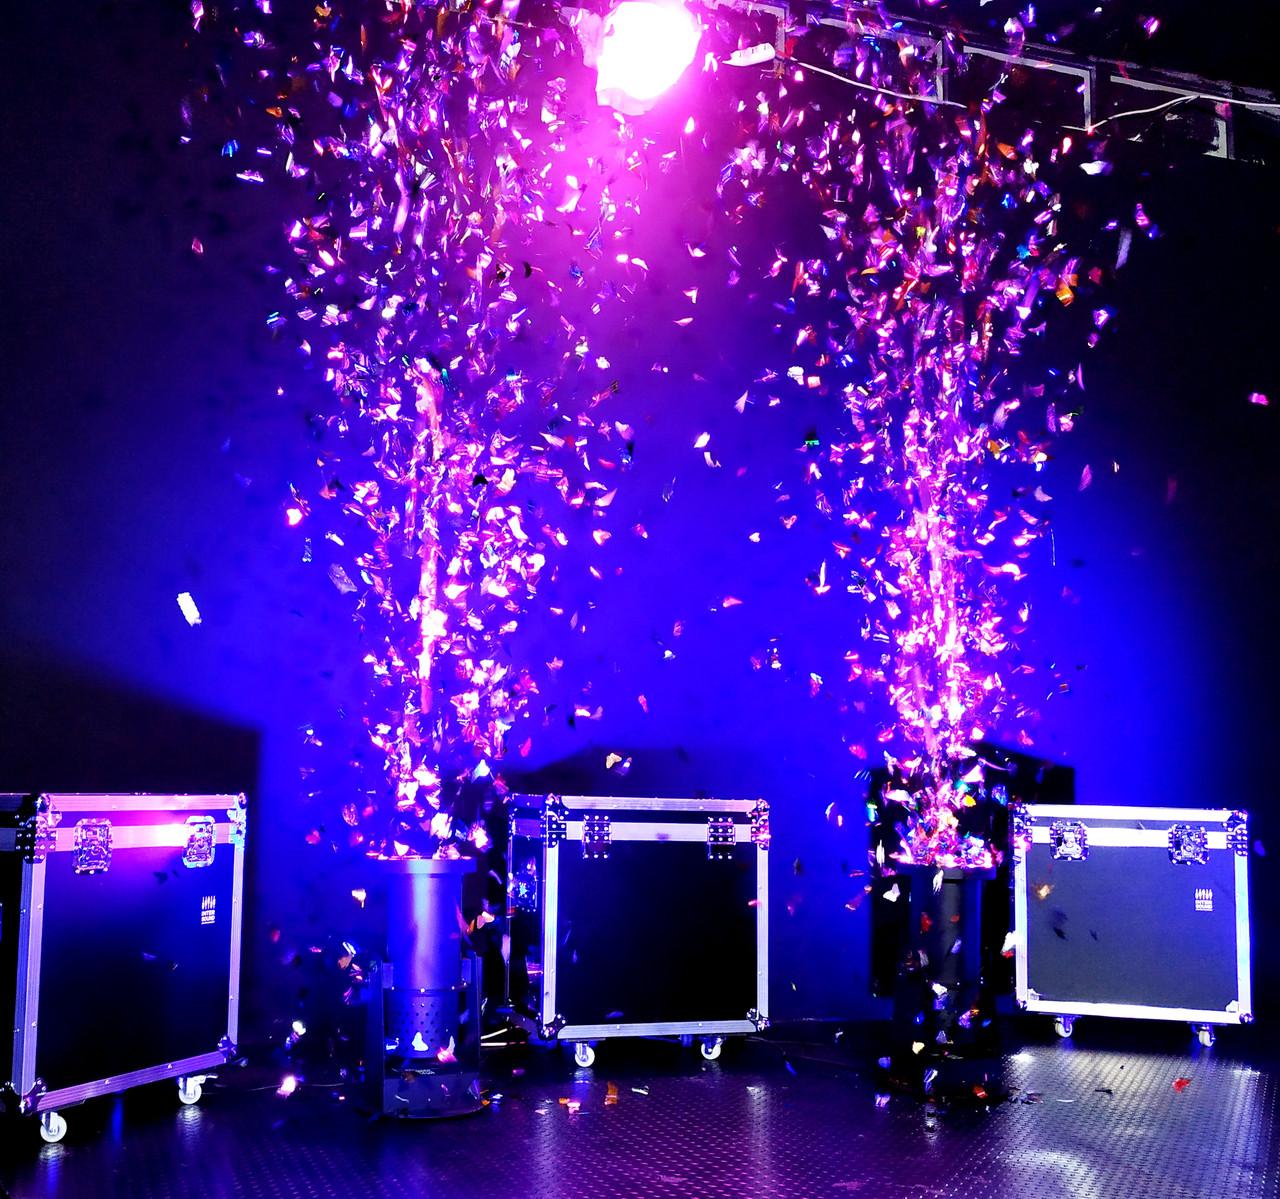 Аренда Генератор конфетти 1500 Вт с Led подсветкой, пультом ДУ, DMX512